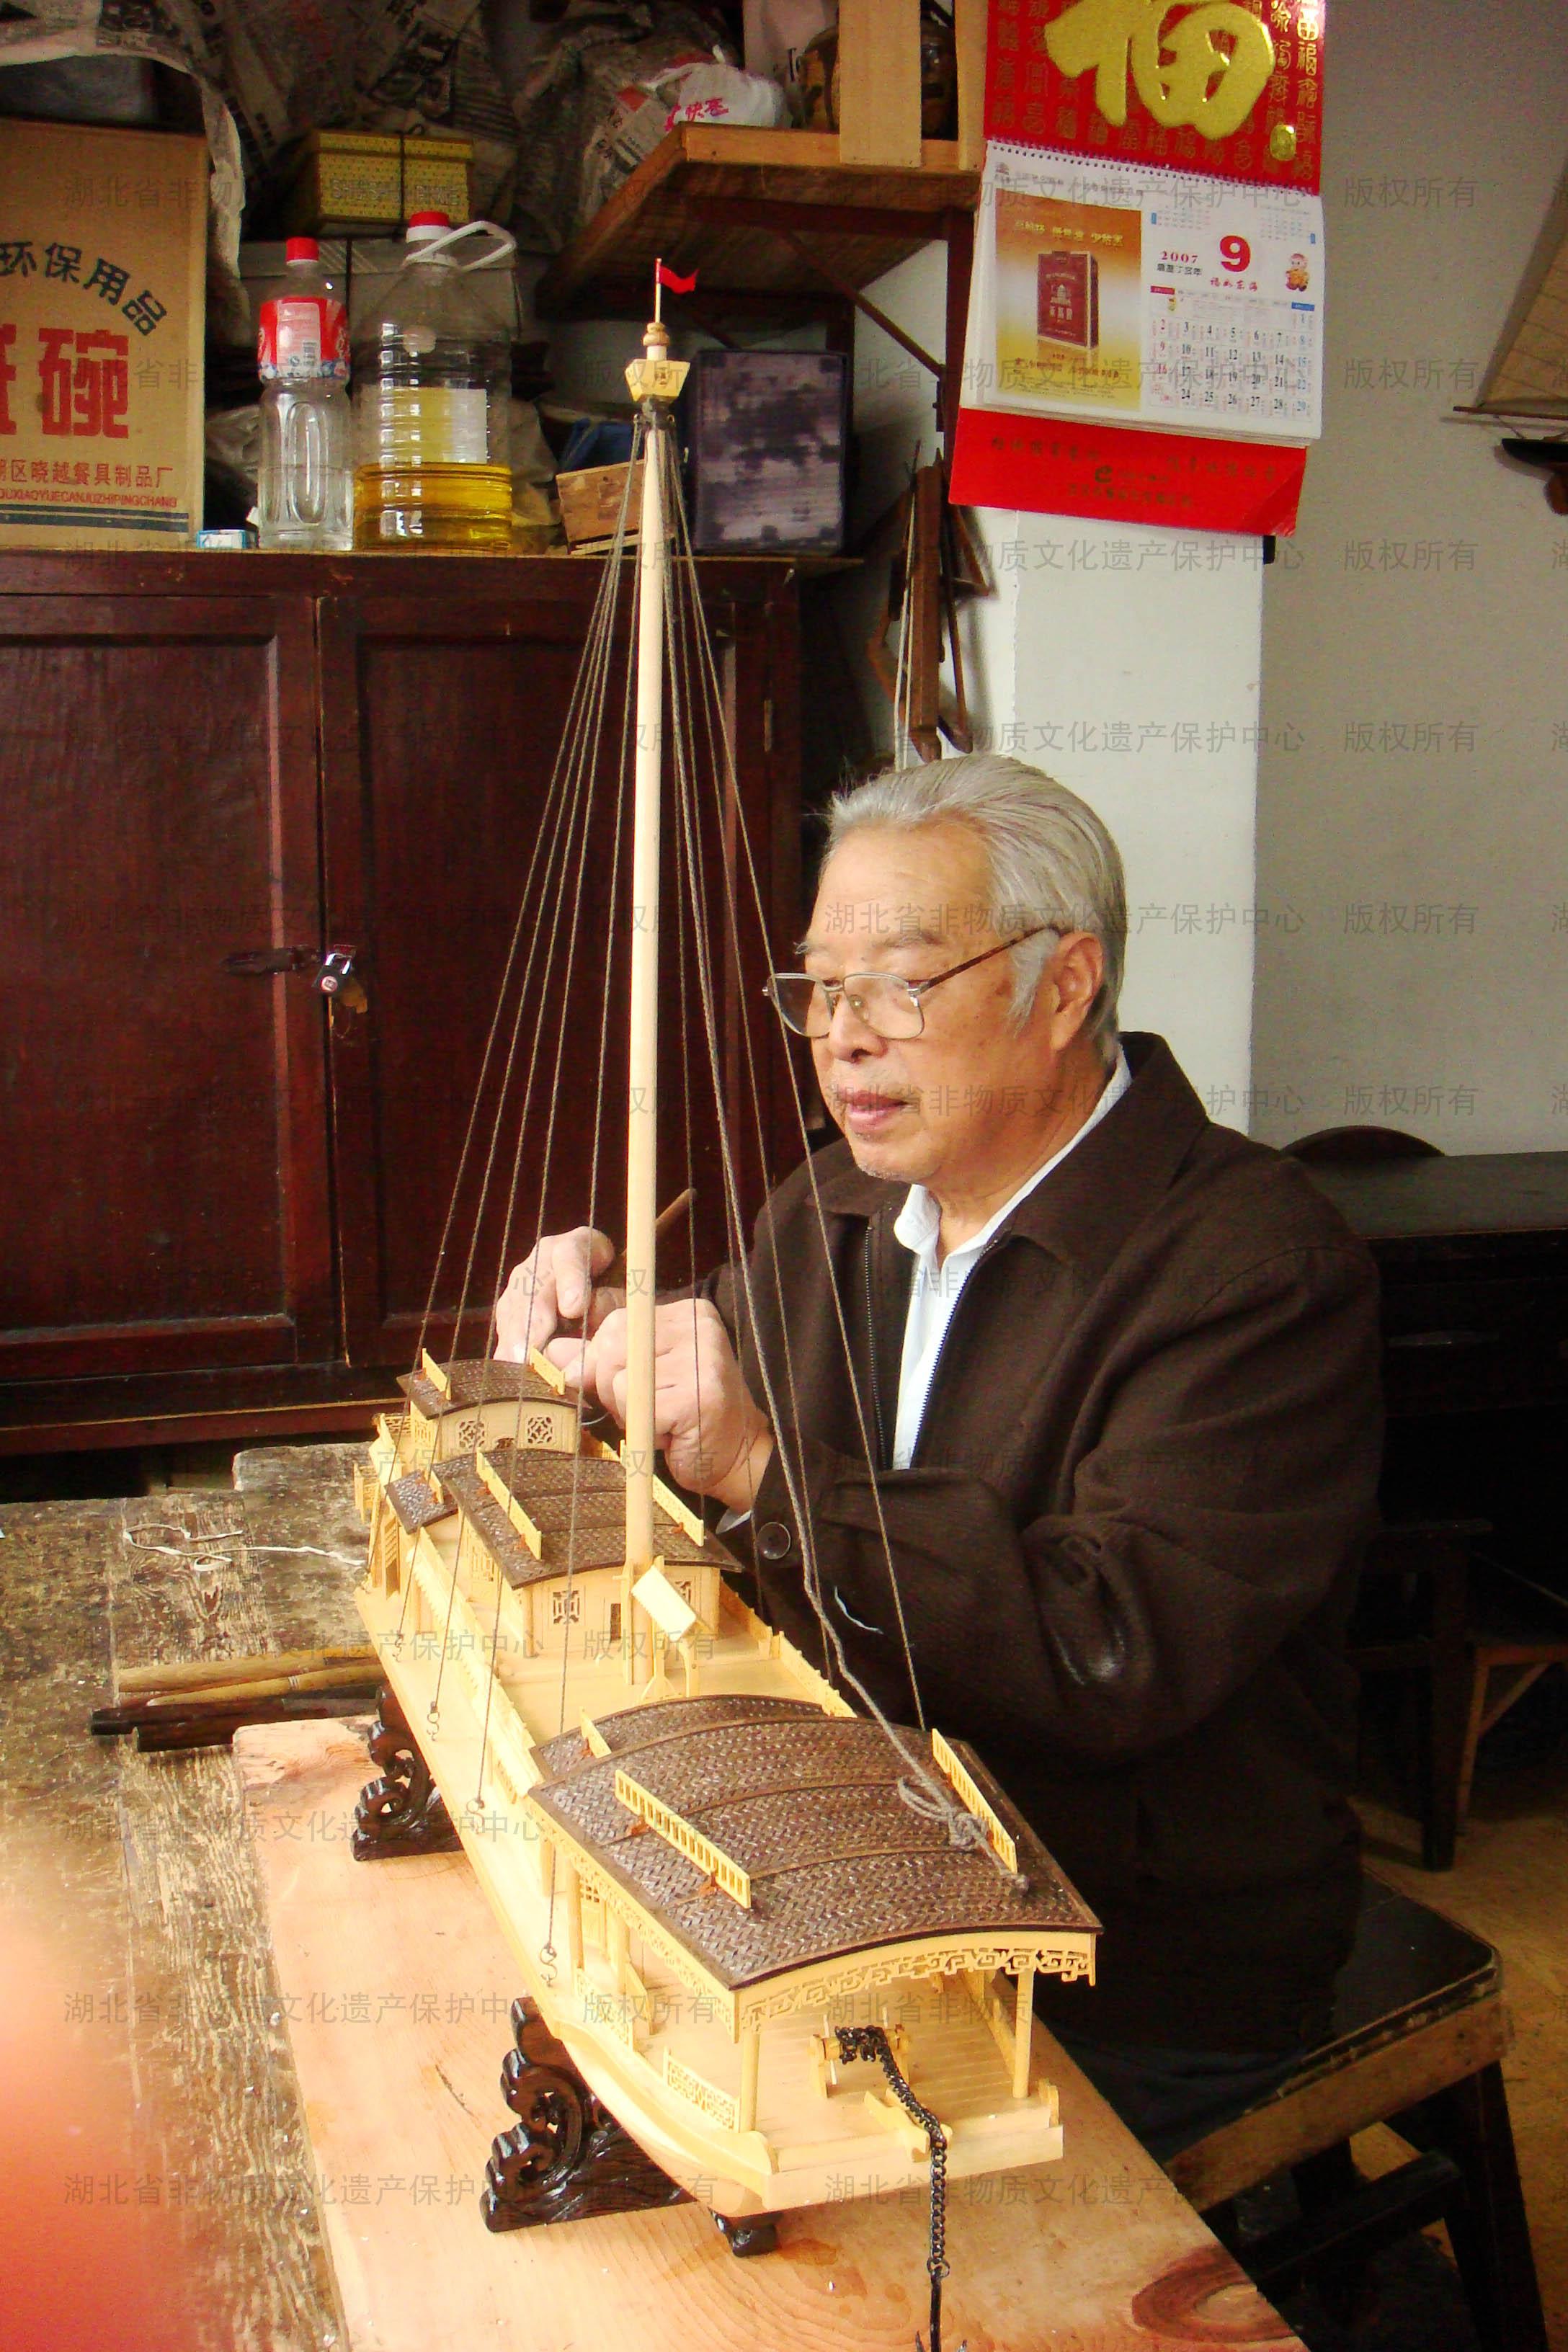 武汉木雕船模按比例模拟制作各类木船